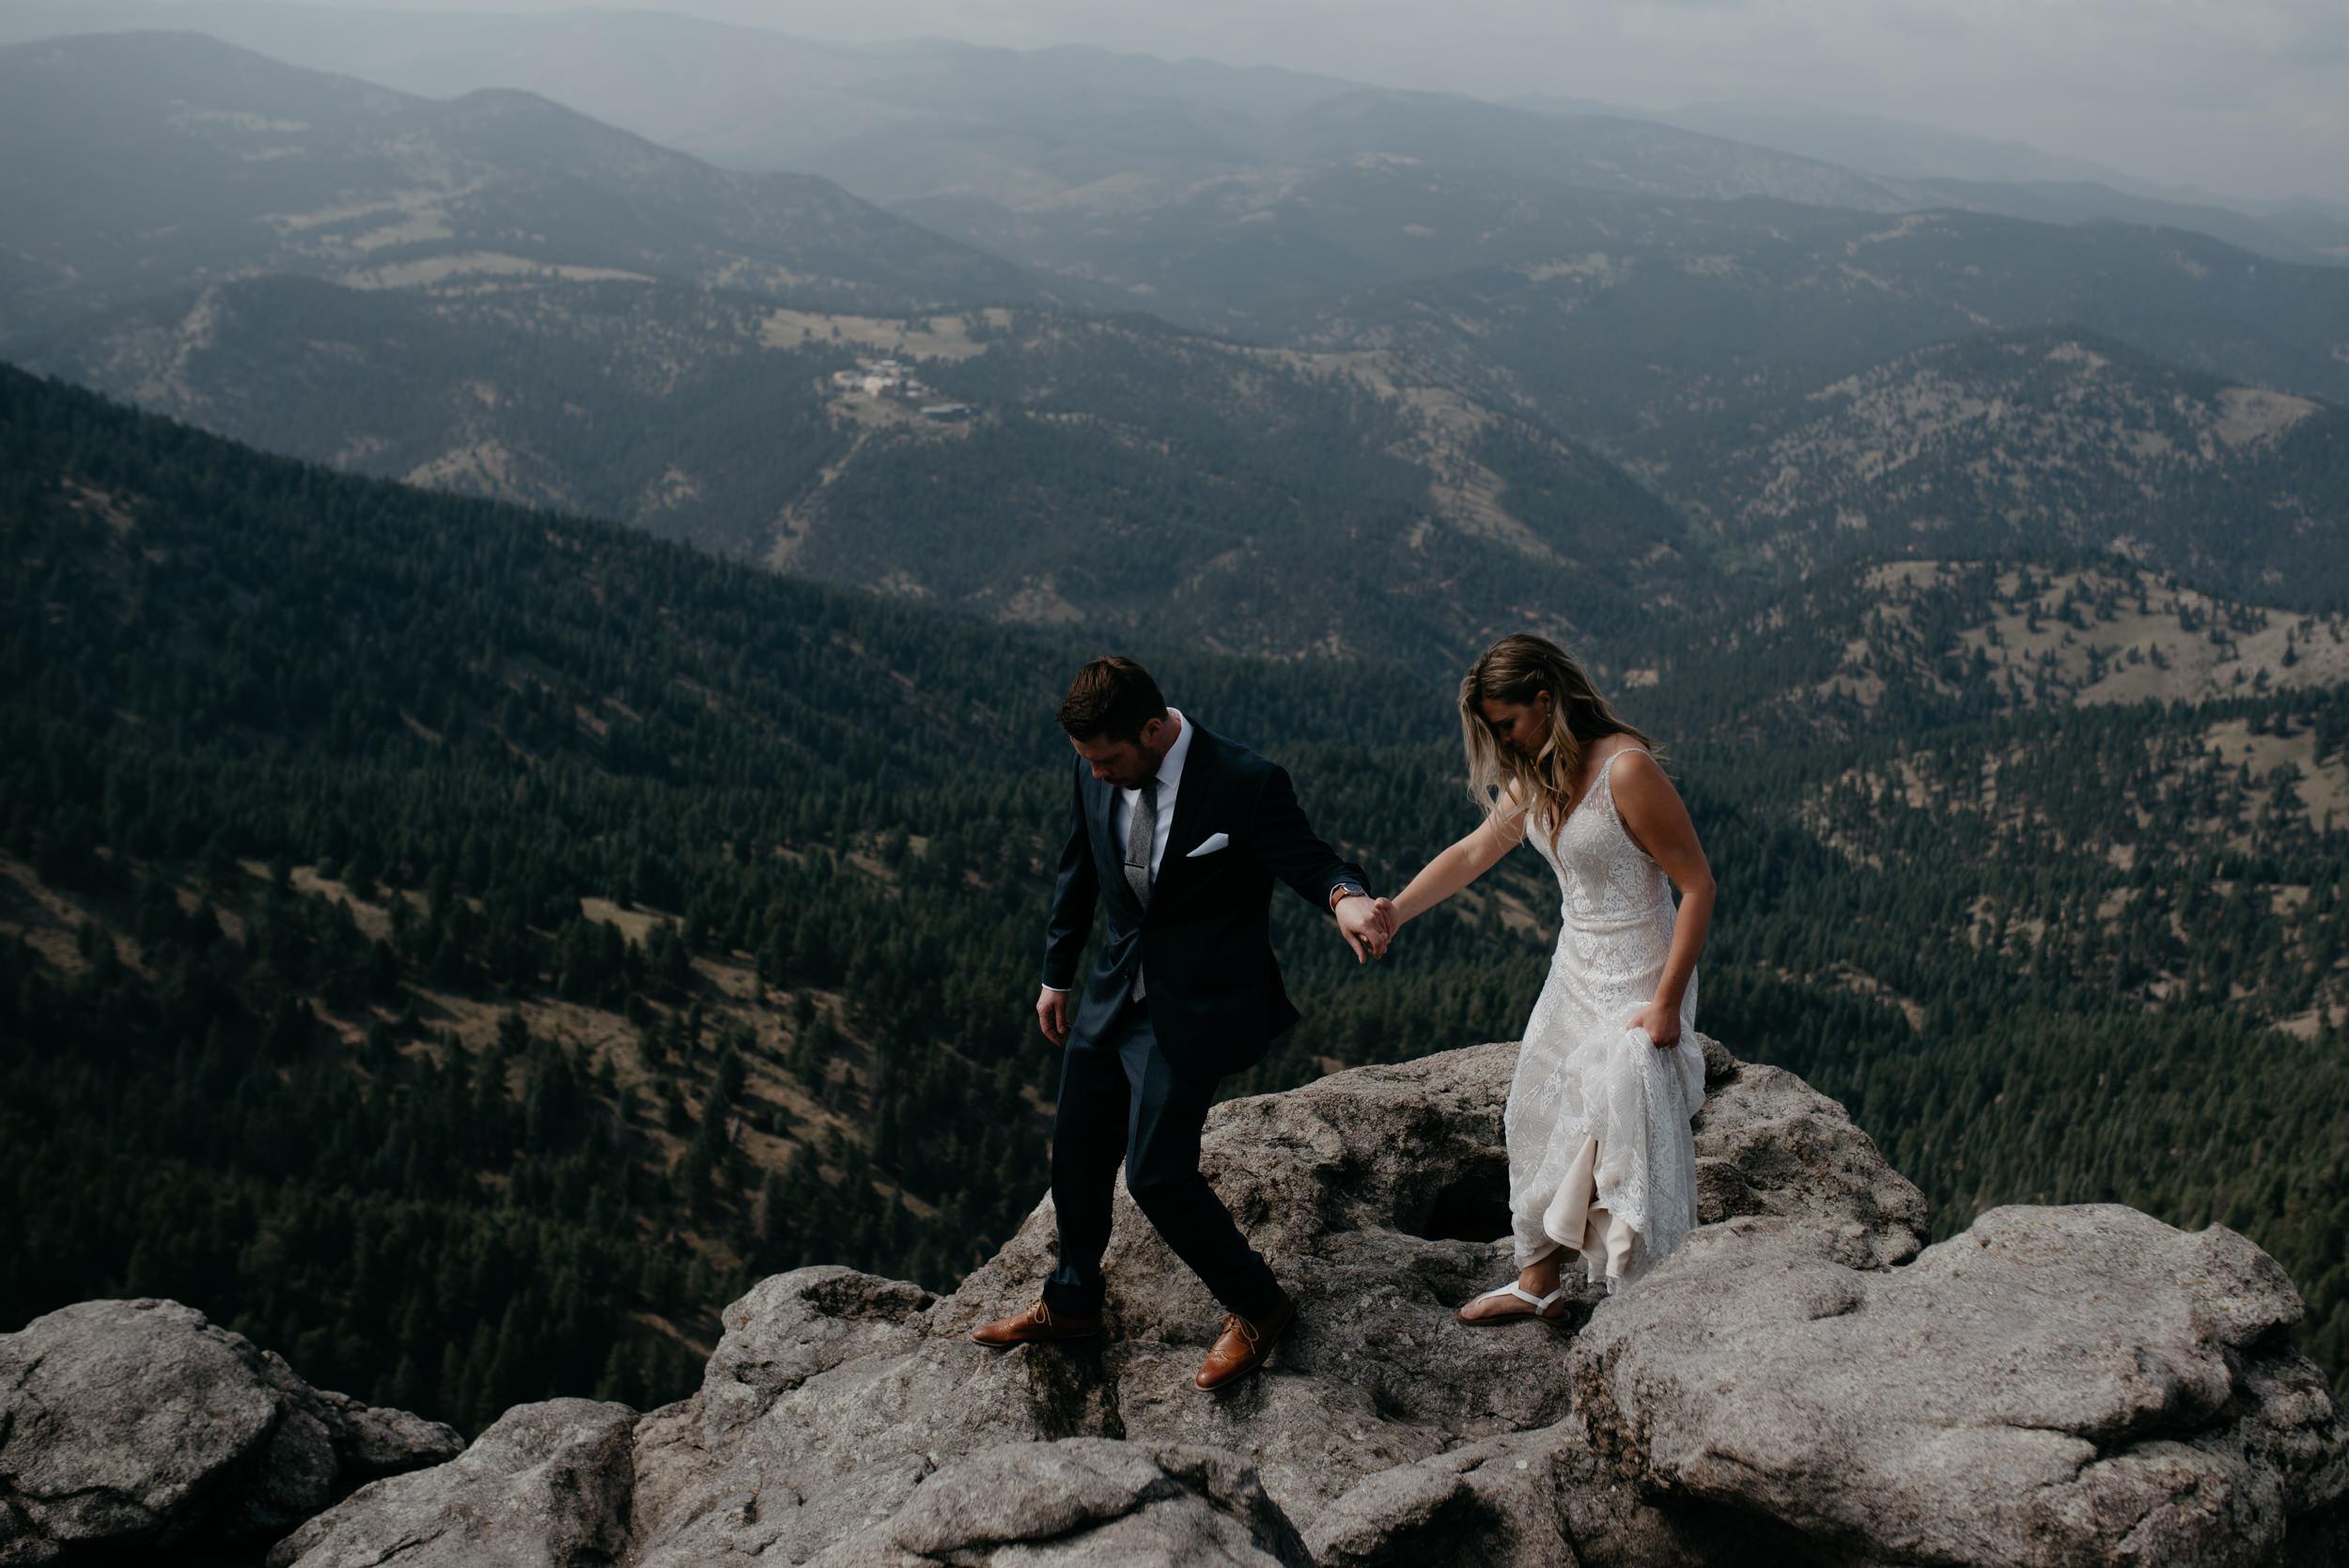 Colorado mountain elopement photos. Colorado based wedding and elopement photographer.